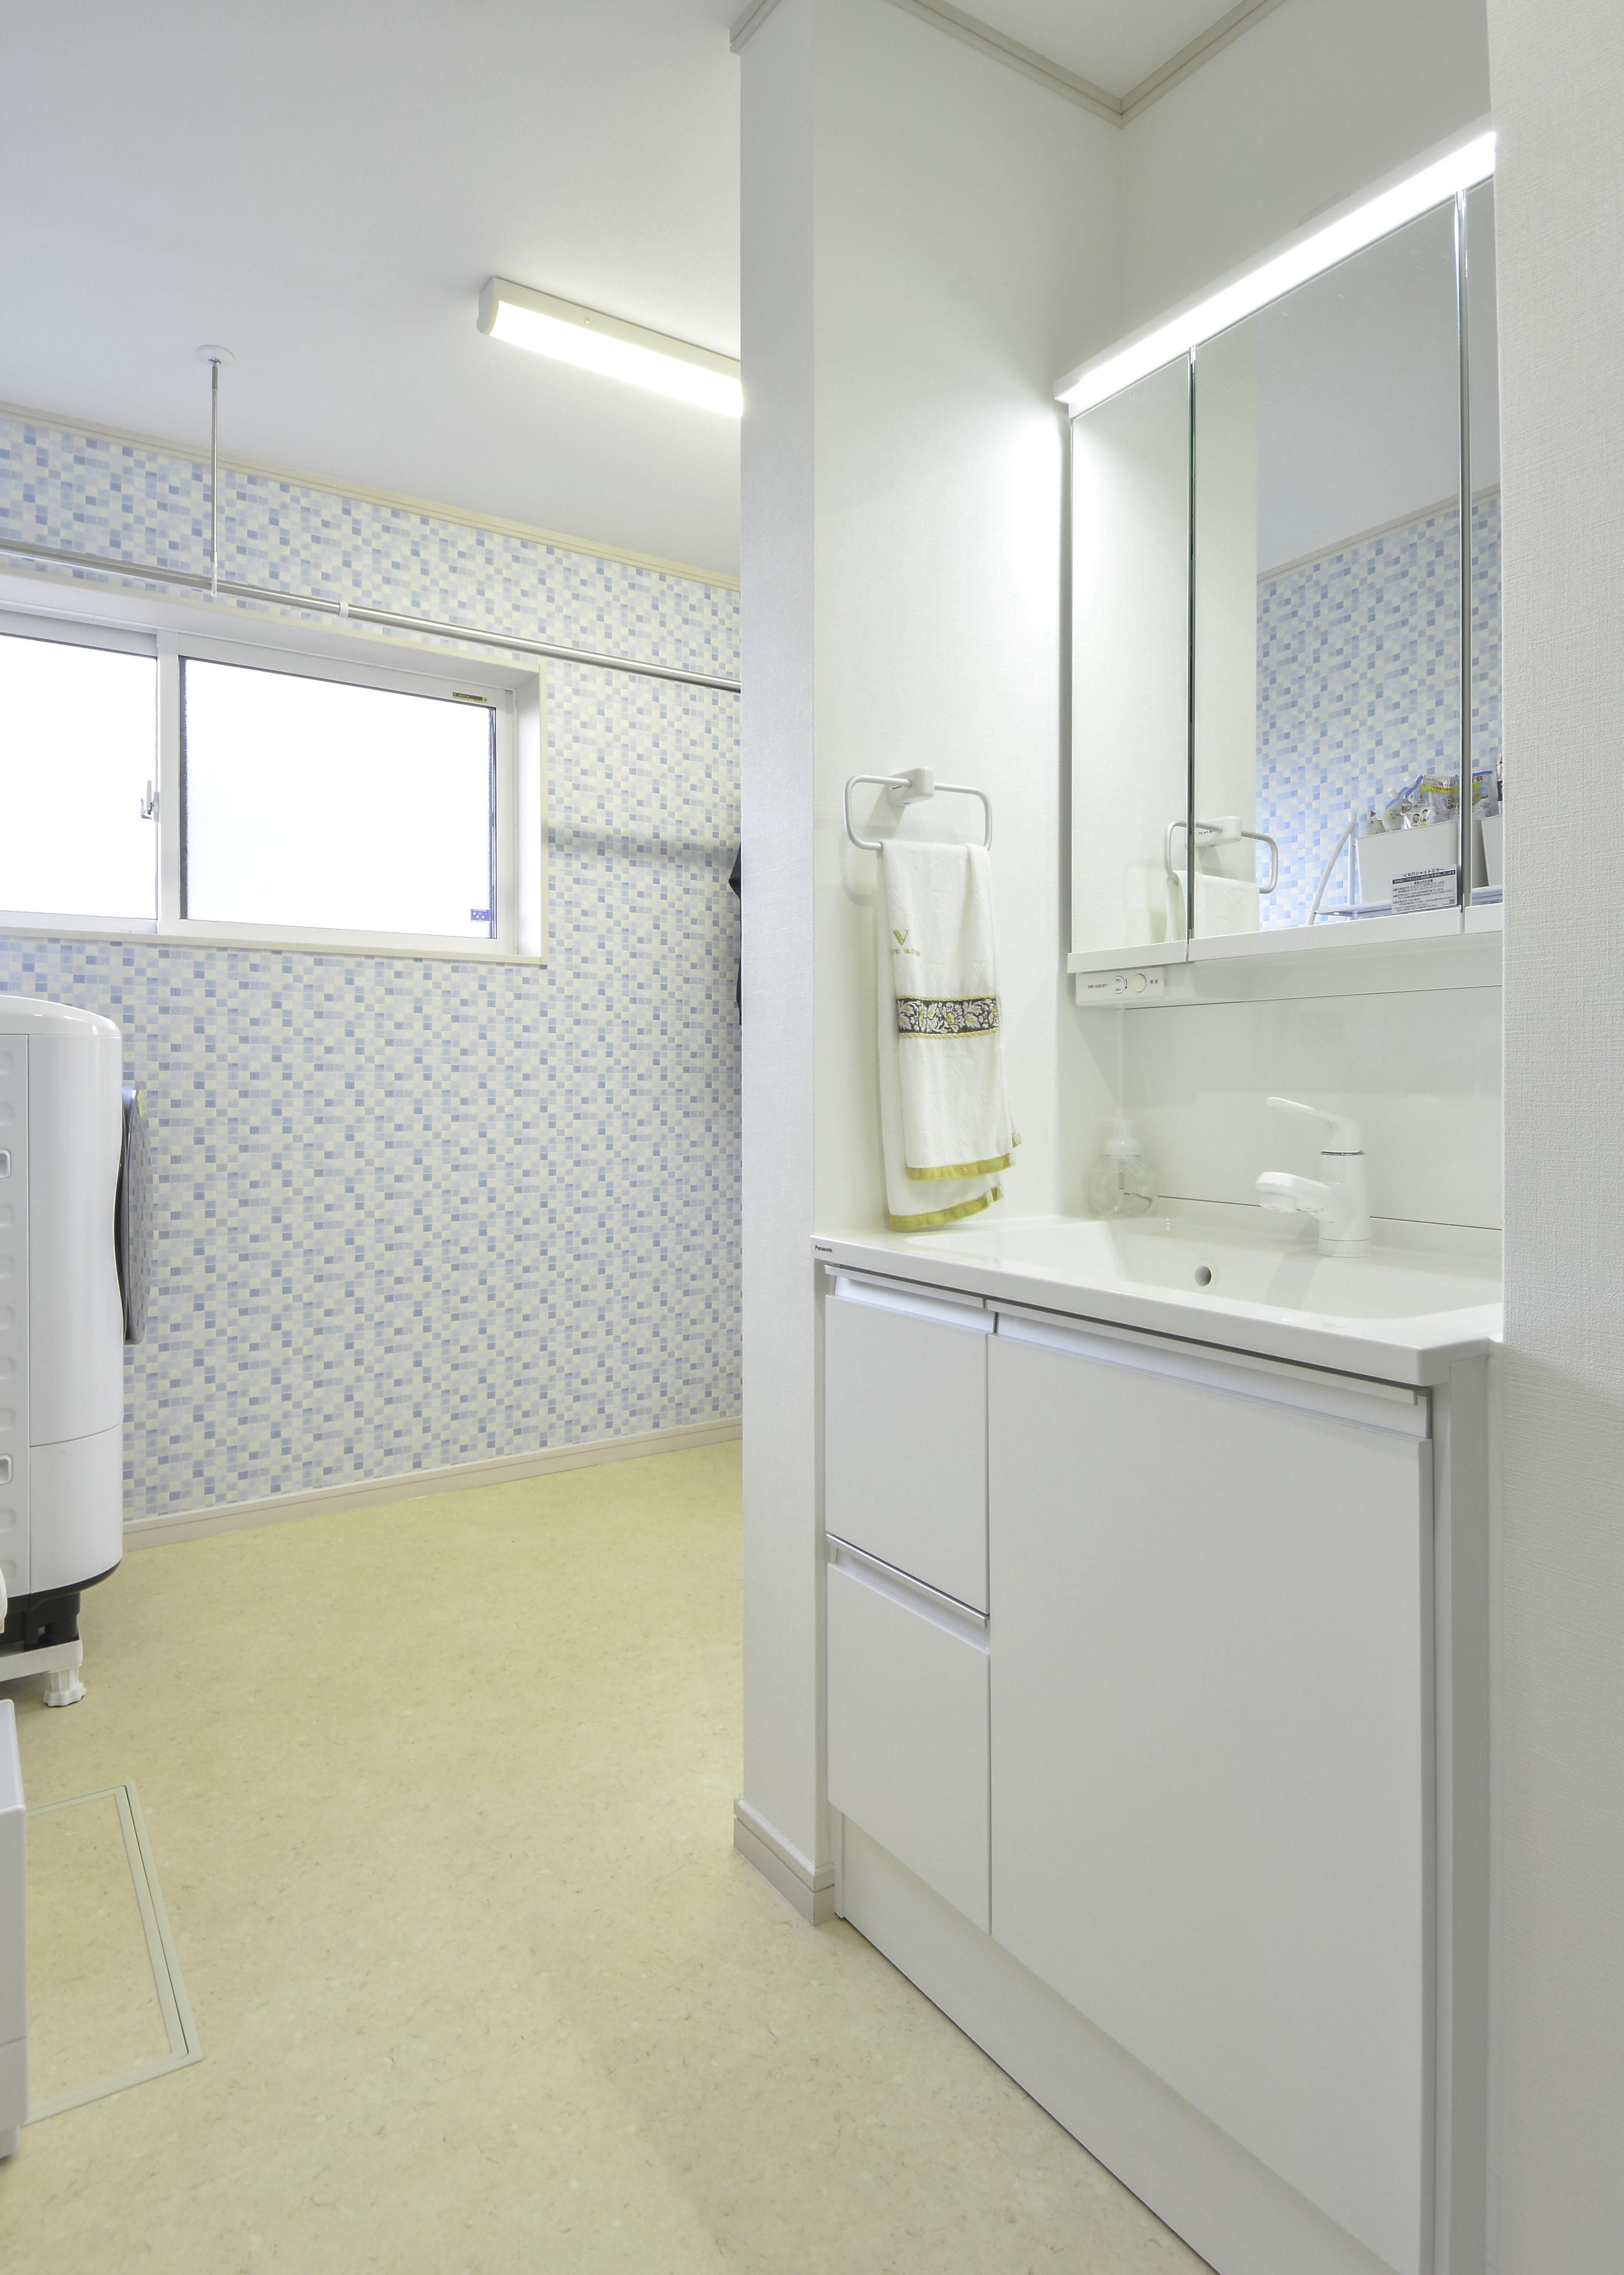 爽やかな壁紙ランドリースペースへ続く洗面所へ大変身